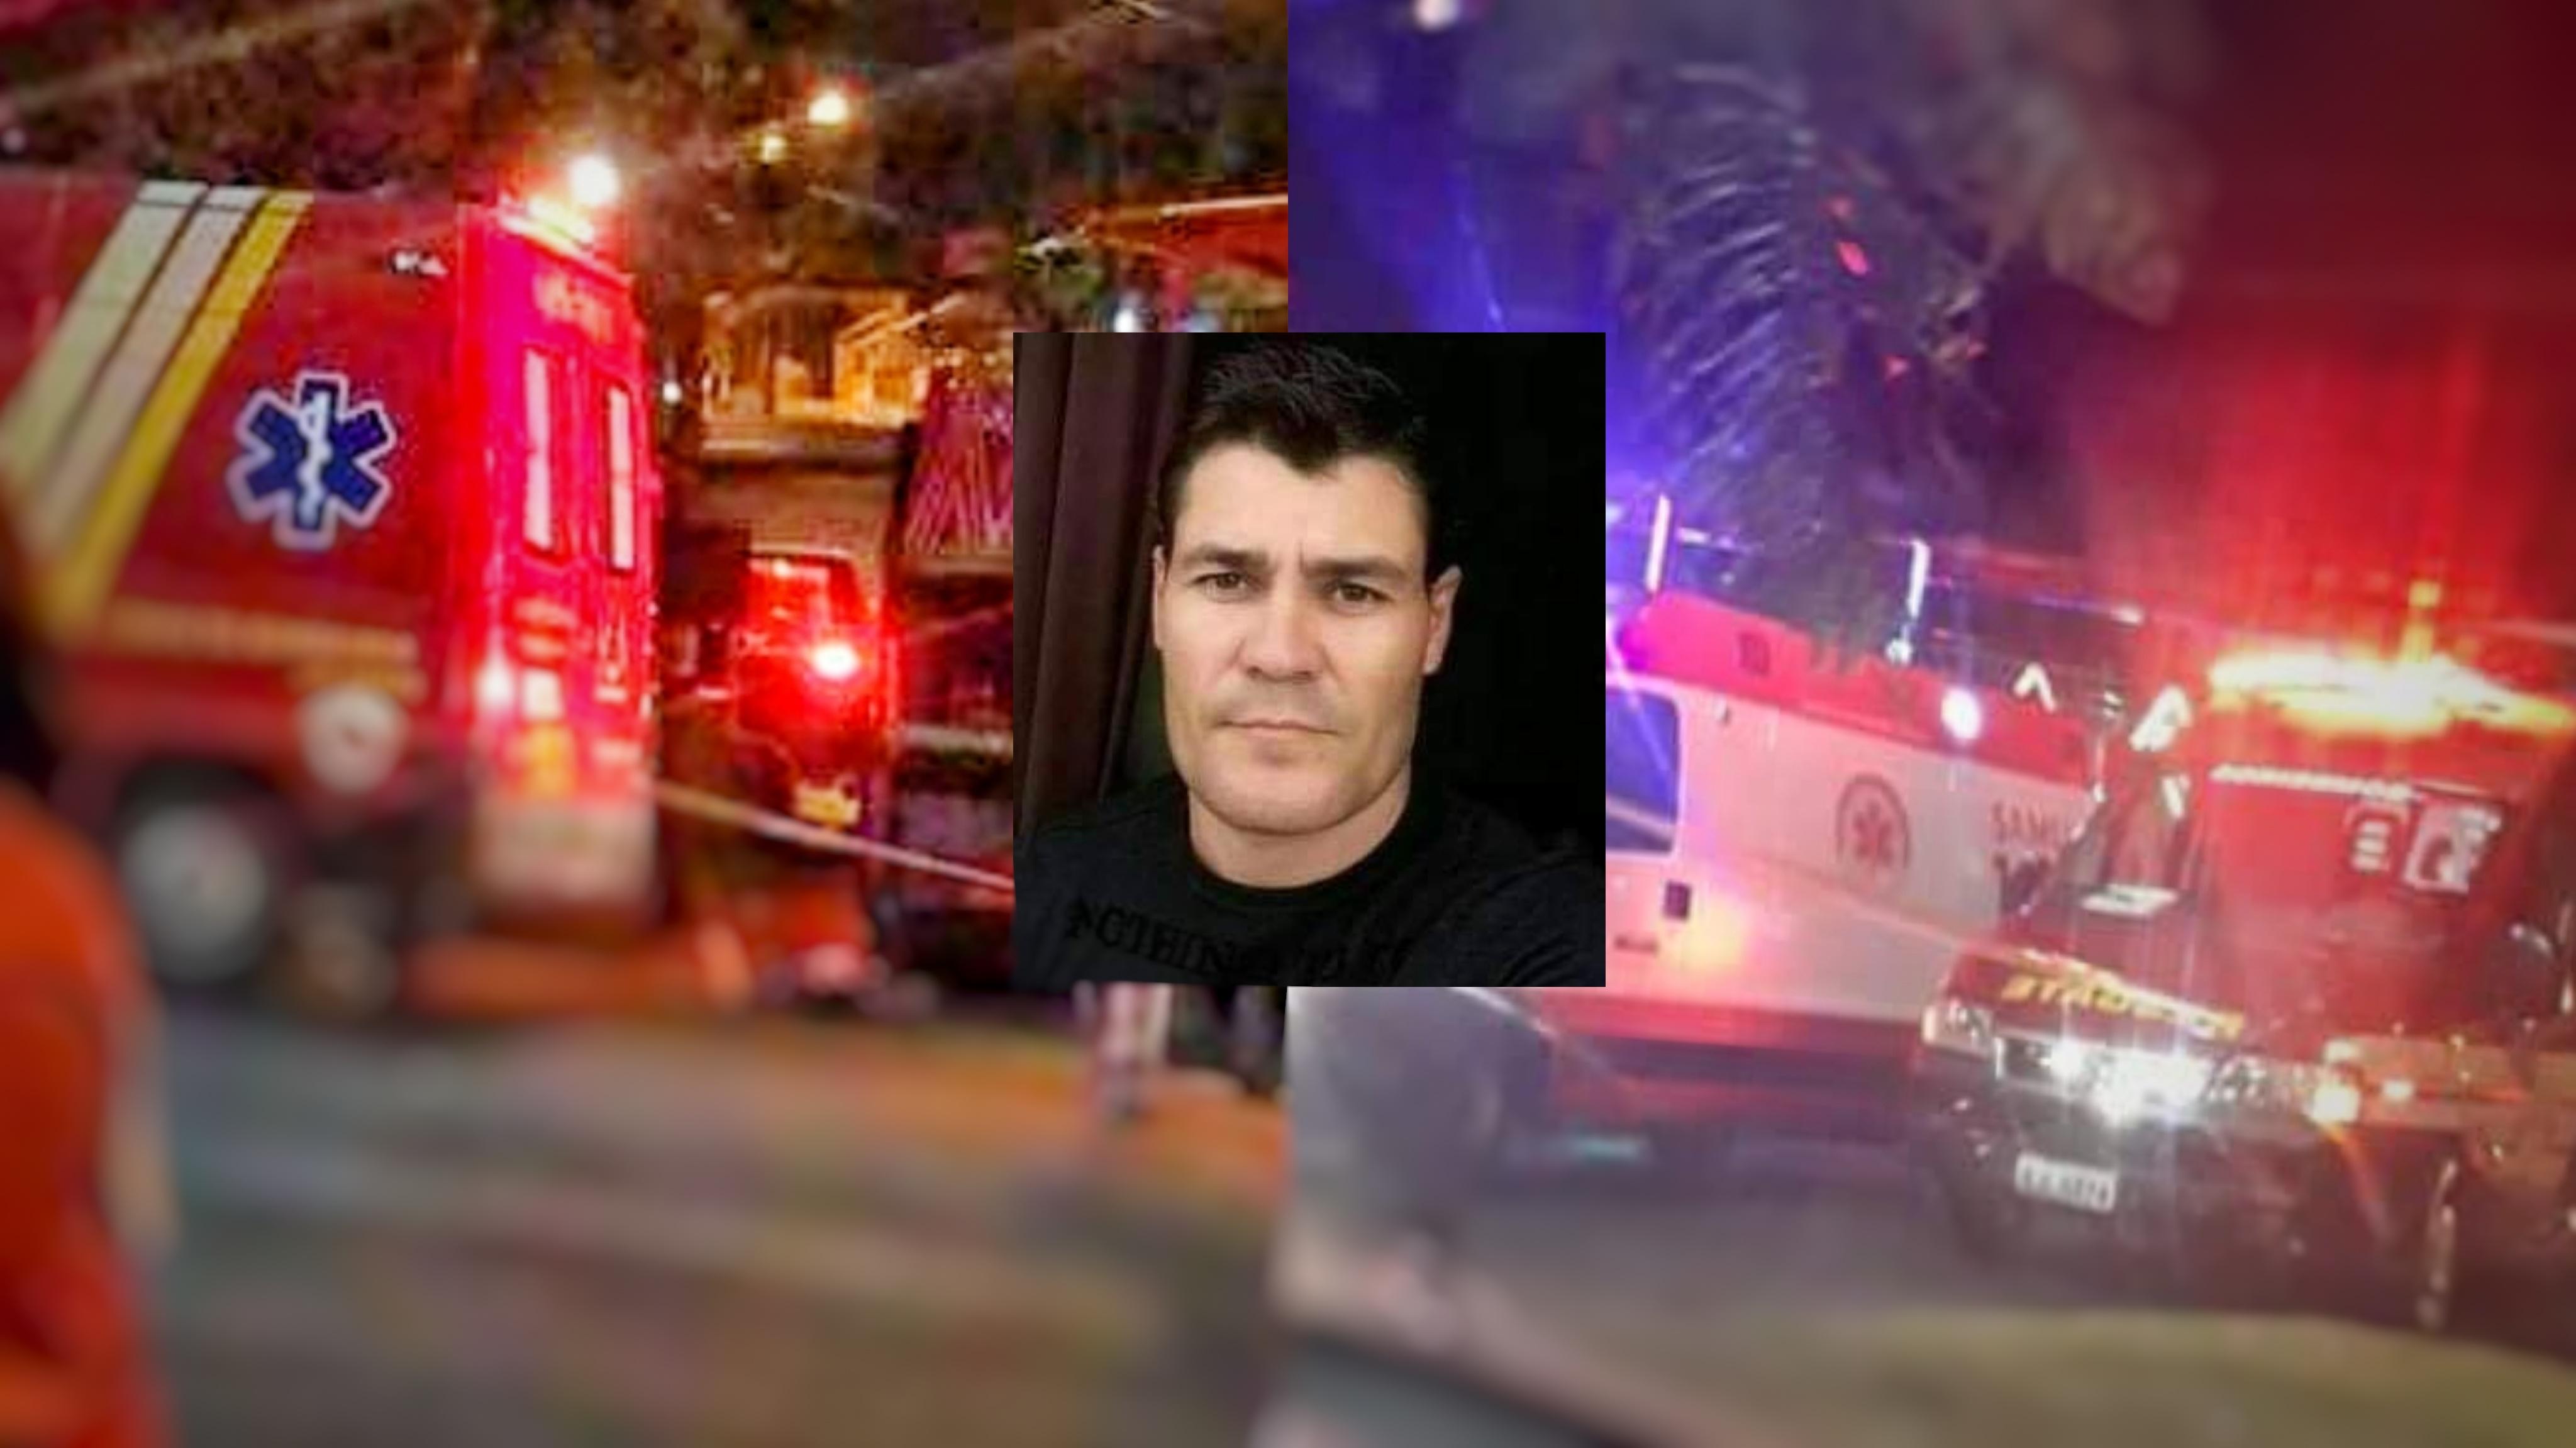 Em SP: Carreta Explosão atropela casal e mata homem | Mulher em estado grave